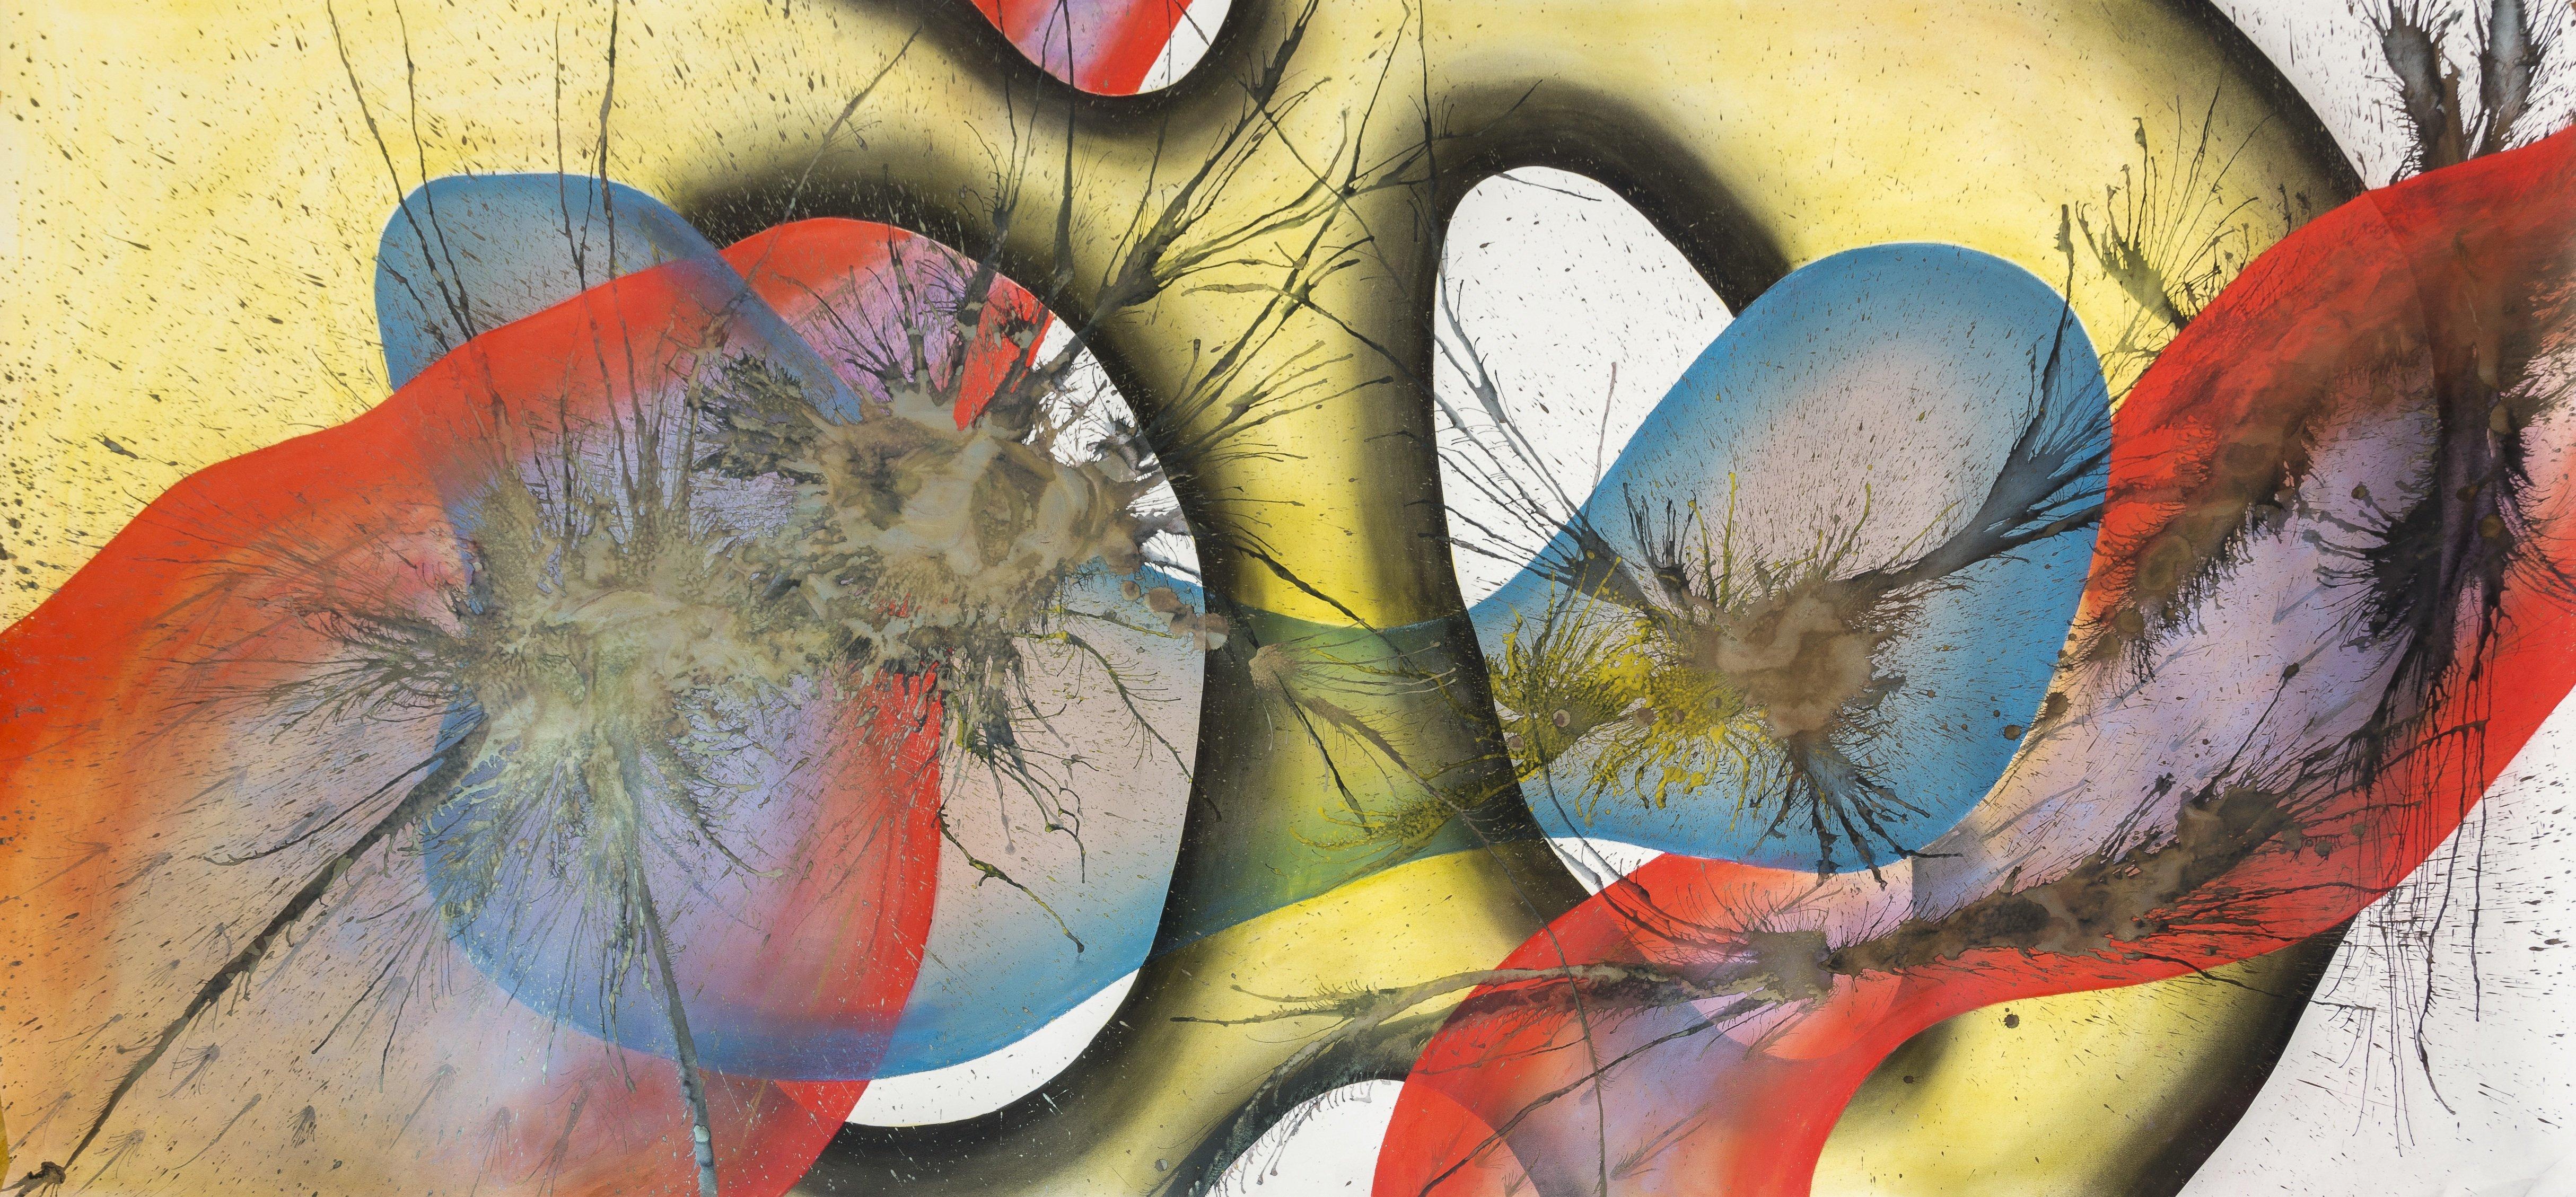 Judith Milberg: Kambrische Explosion, 2018, Pastell, Tusche und Pigmente auf Papier, 300 x 150 cm